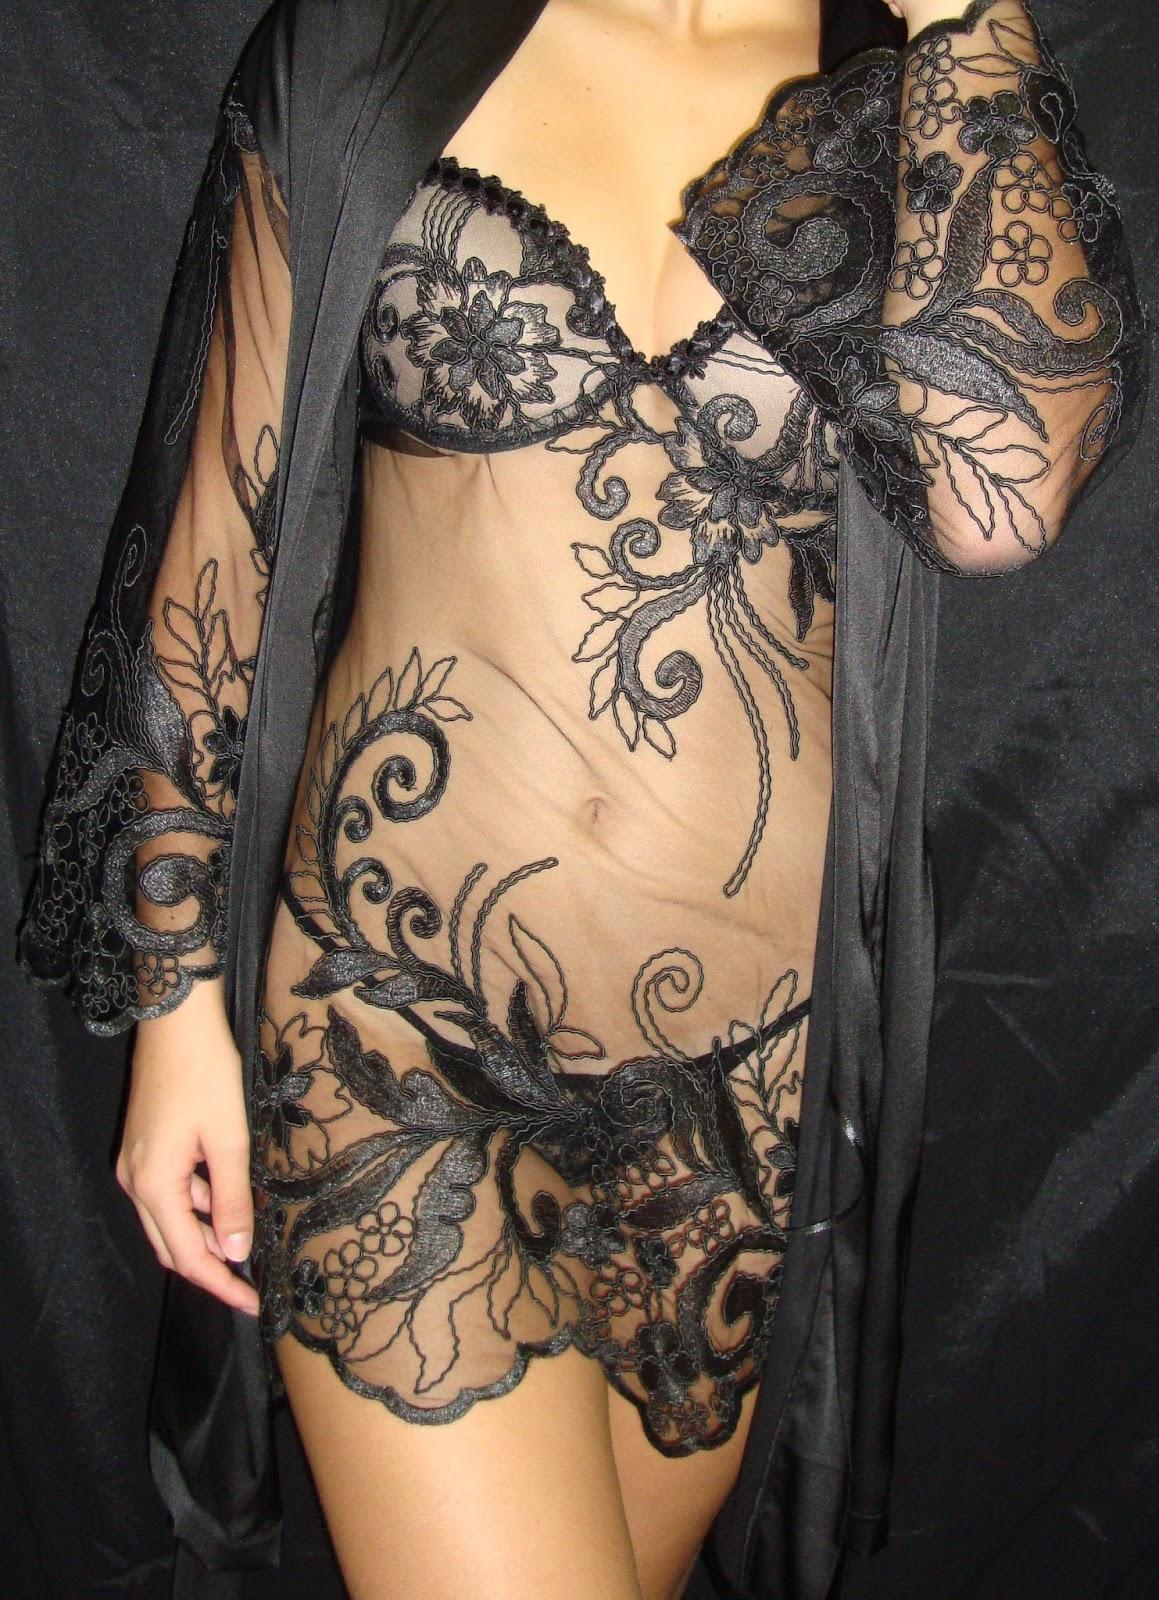 a2f070141 Essas lingeries são ideais para mulheres que gostam de viver períodos de  amor com muita intensidade. Do tipo que rouba a cena.